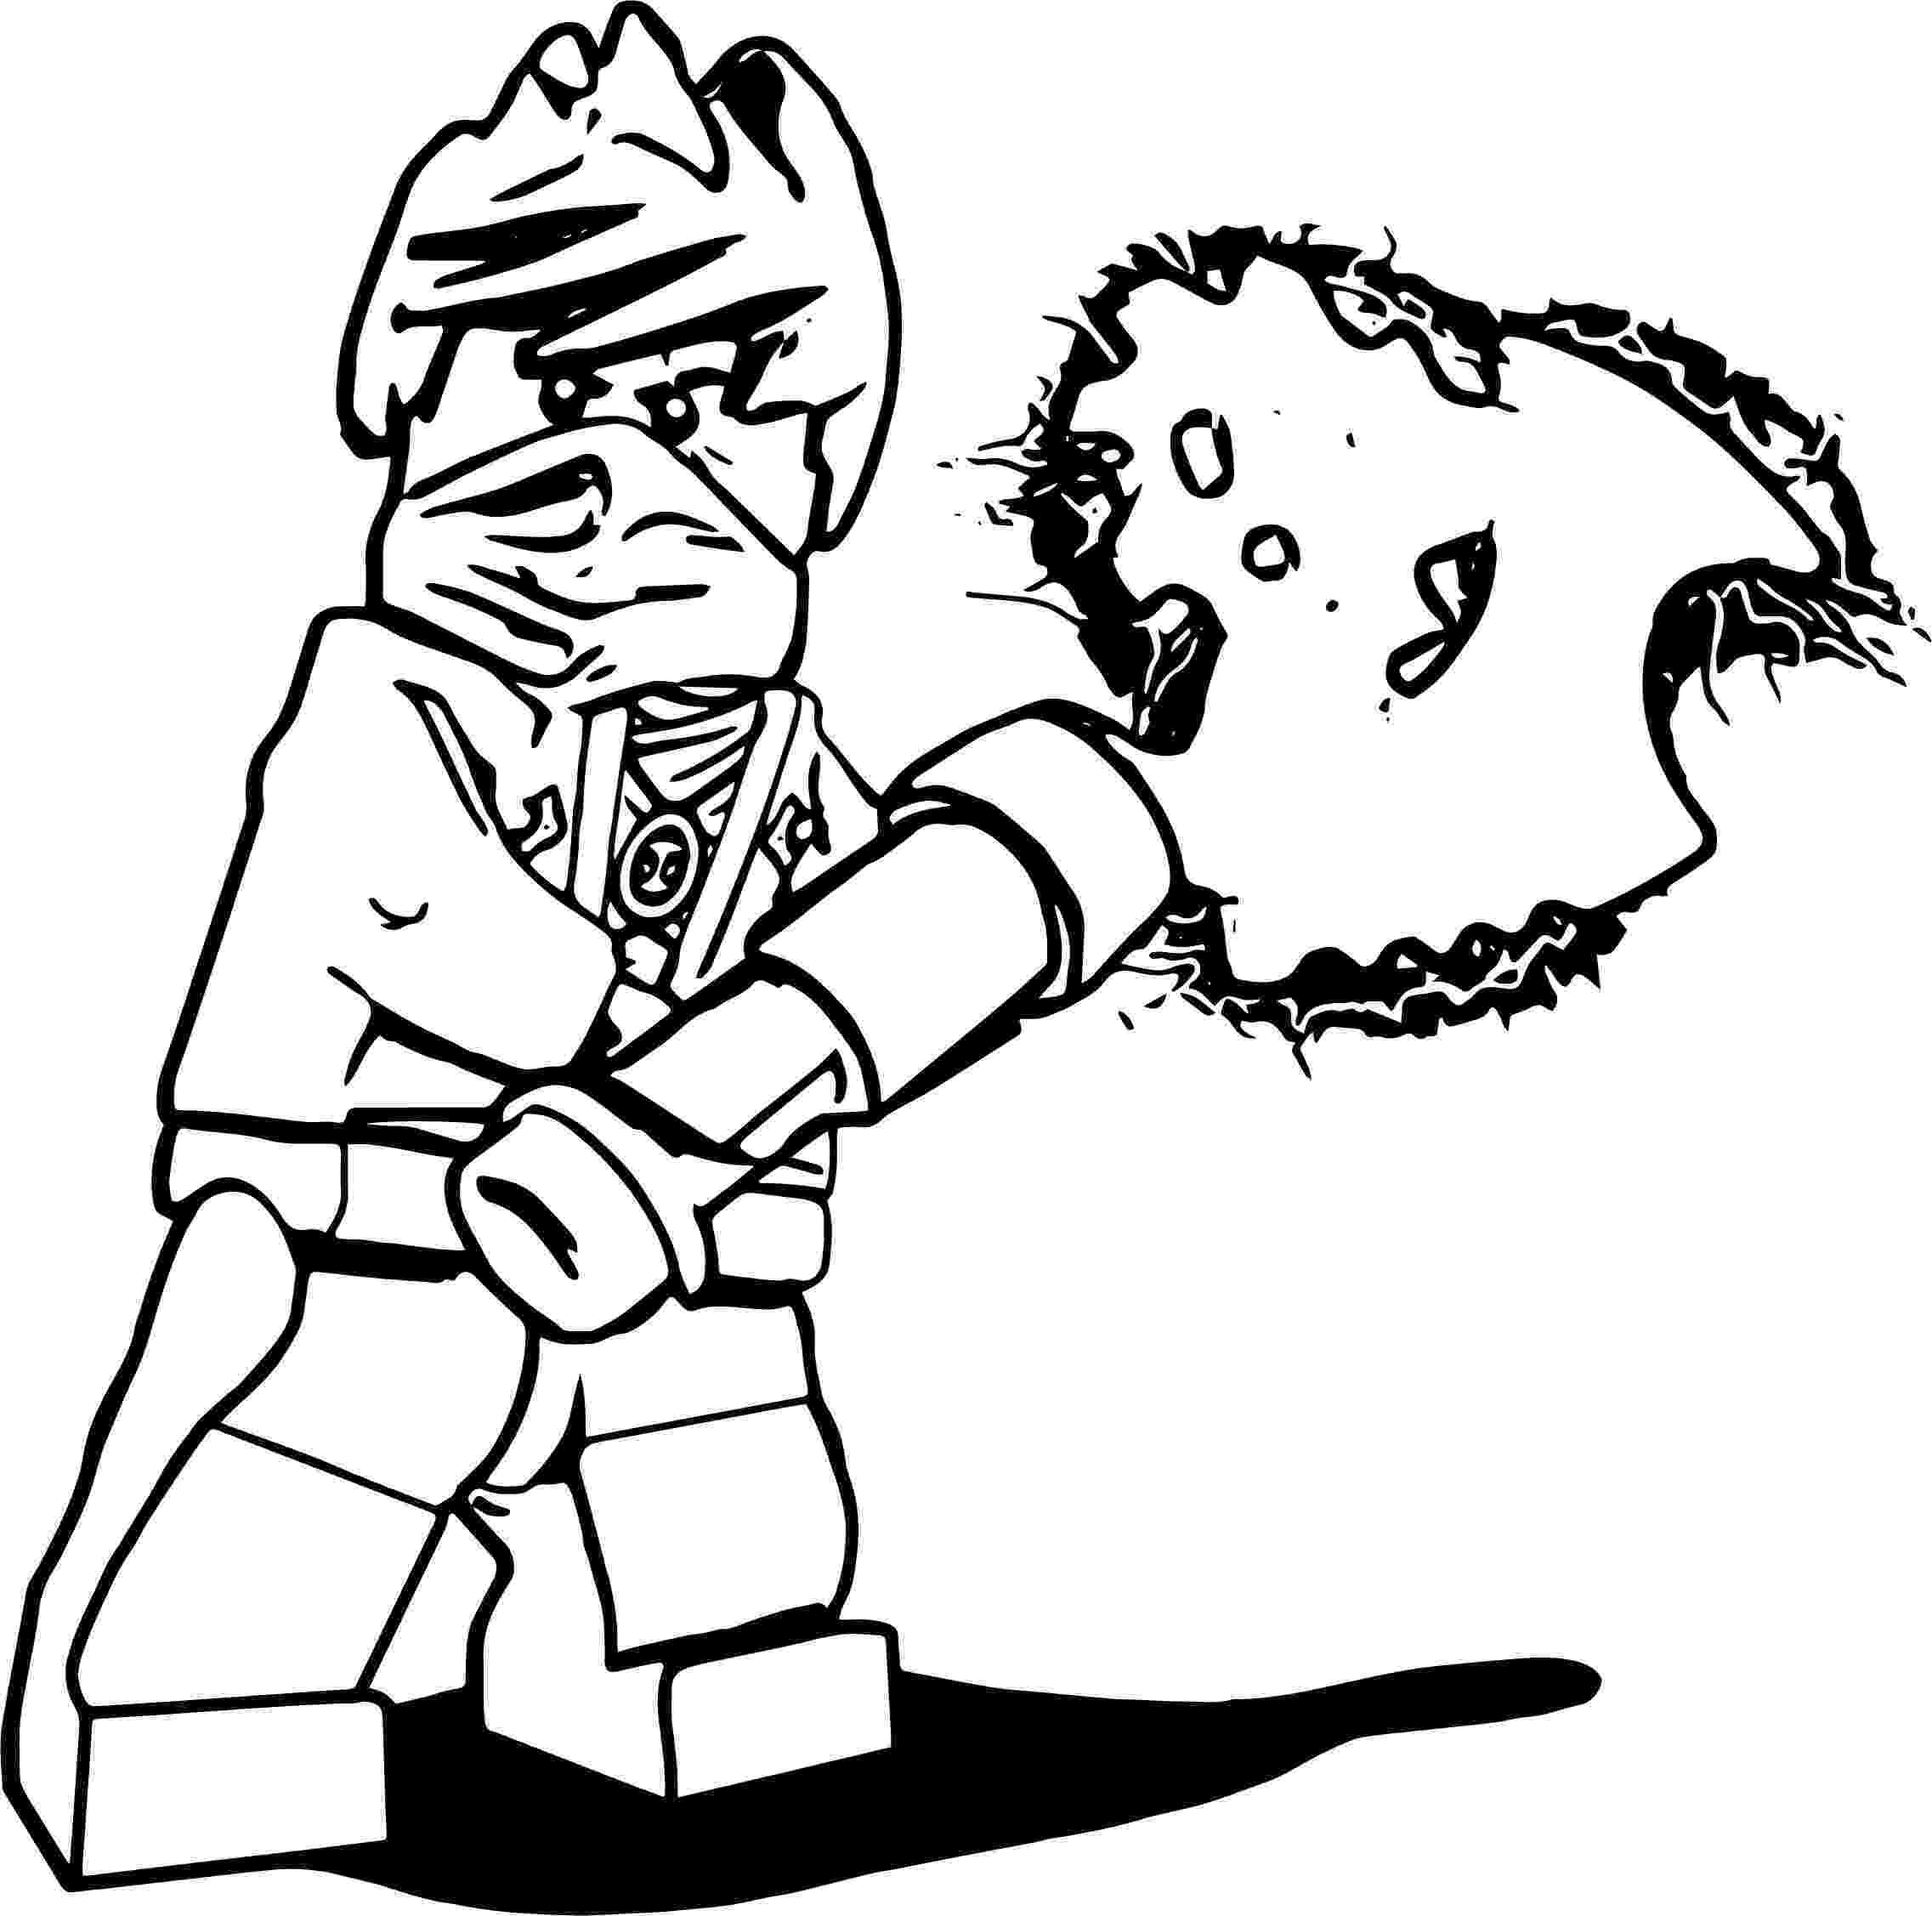 lego ninjago kai nrg ninjago kai coloring page wecoloringpagecom kai lego nrg ninjago